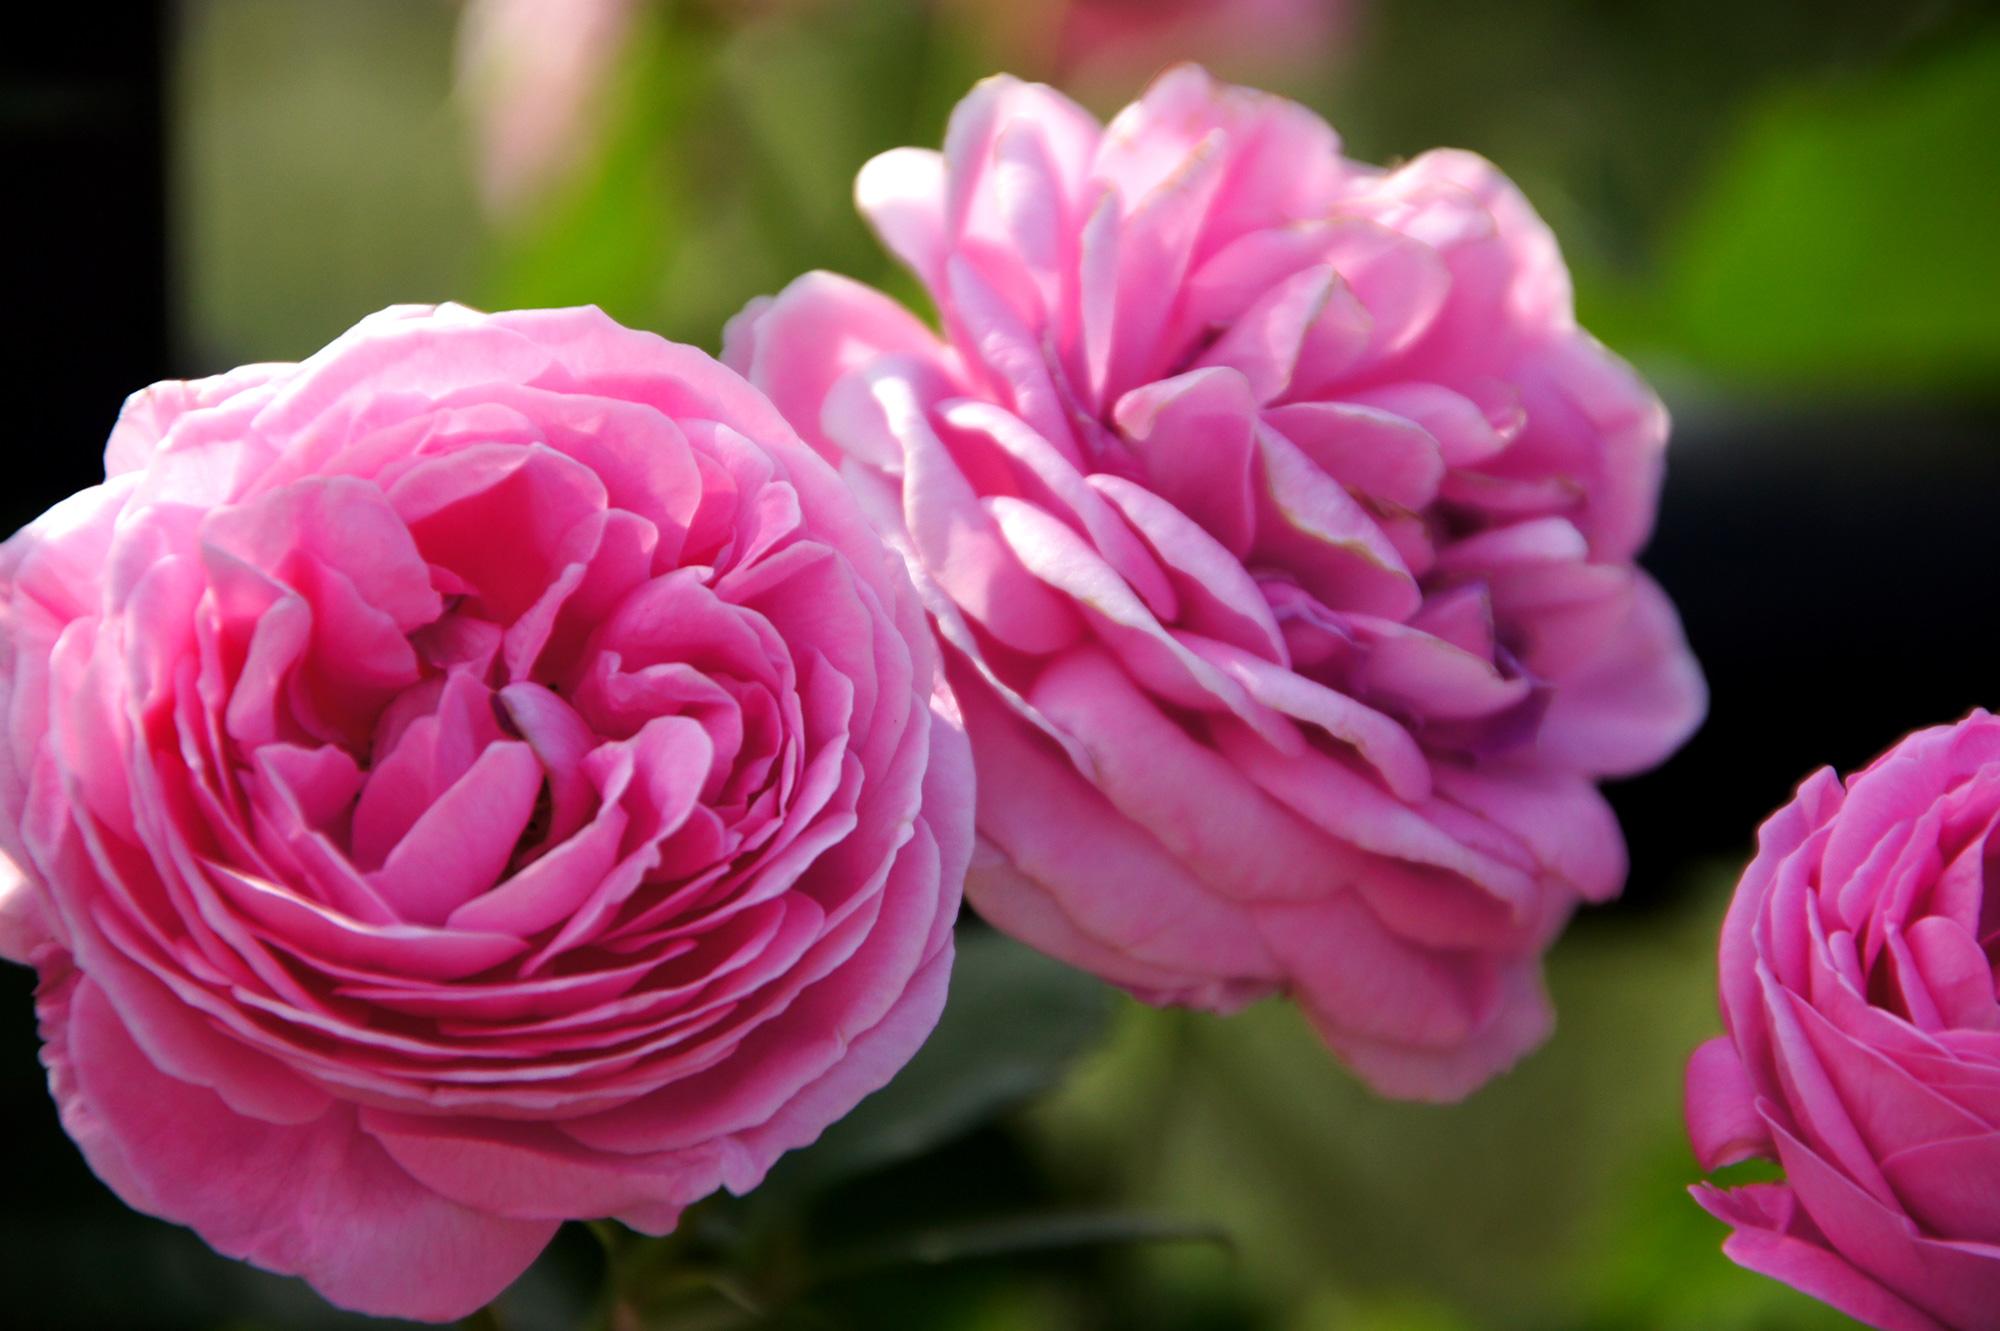 濃いピンク色のバラのフリー写真素材